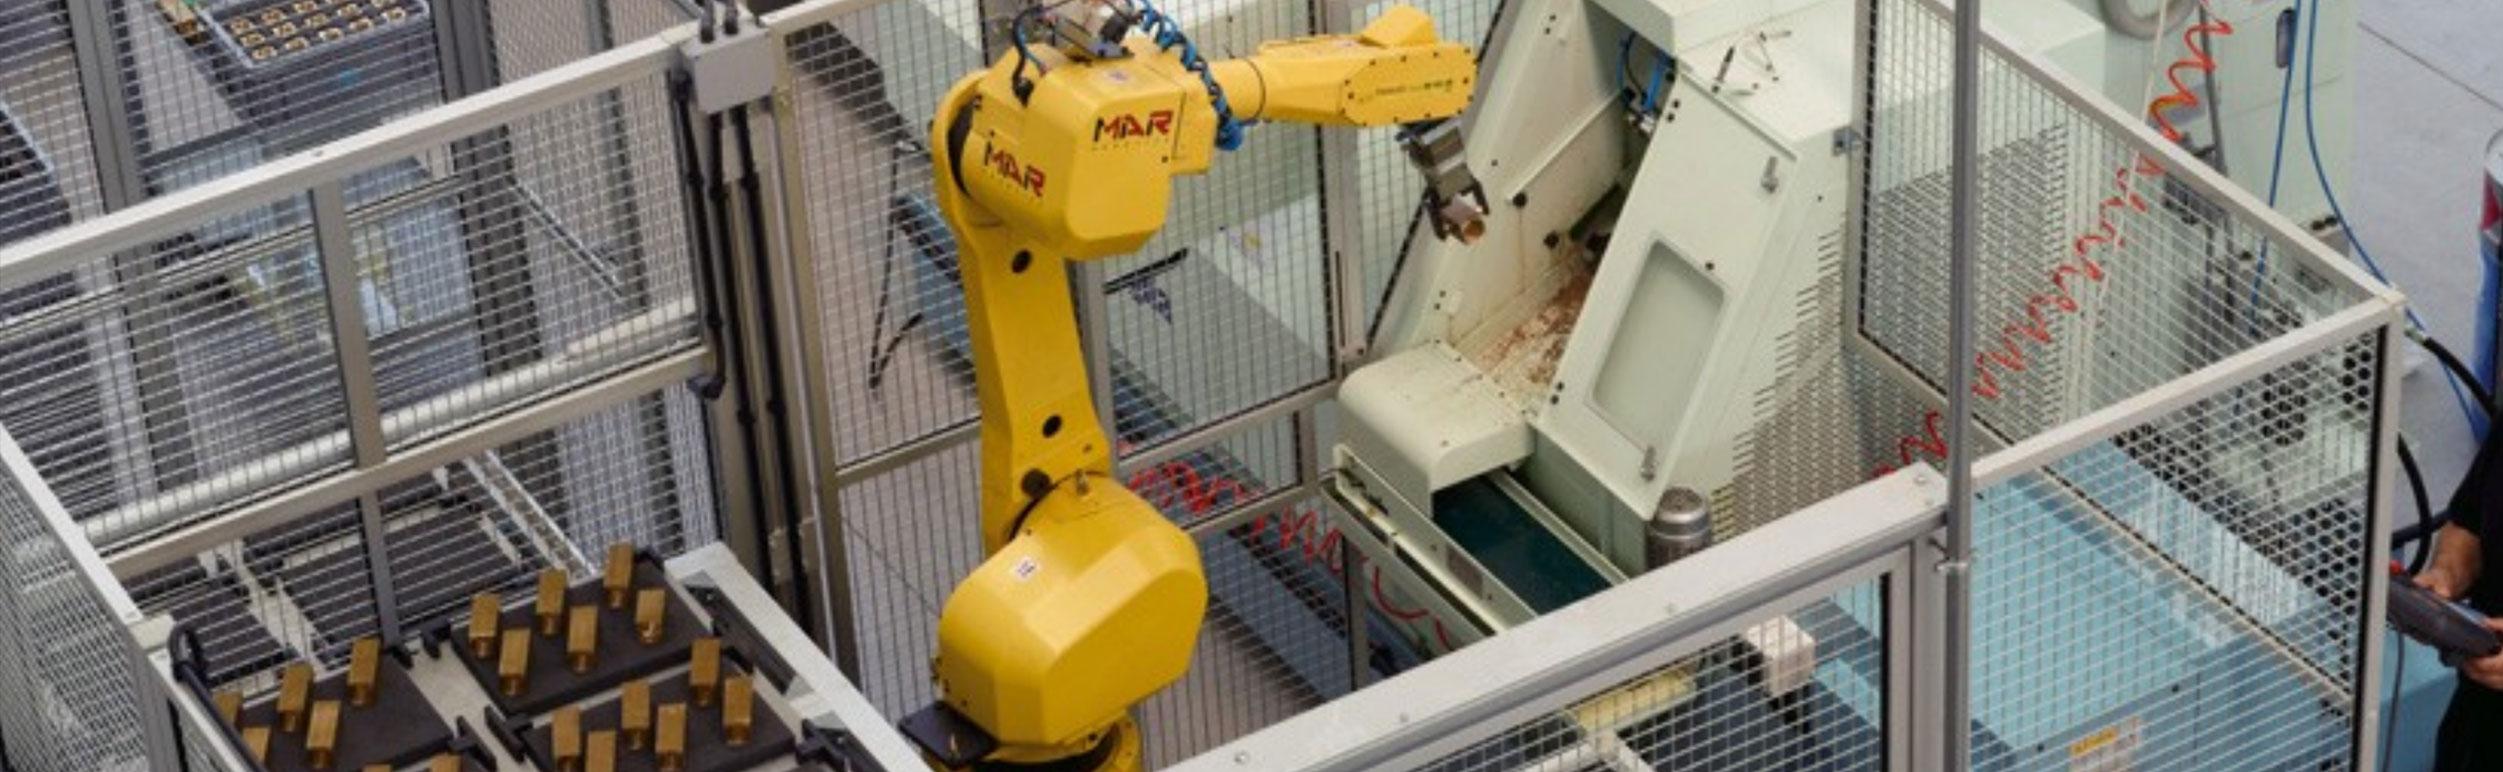 torneria robotizzata